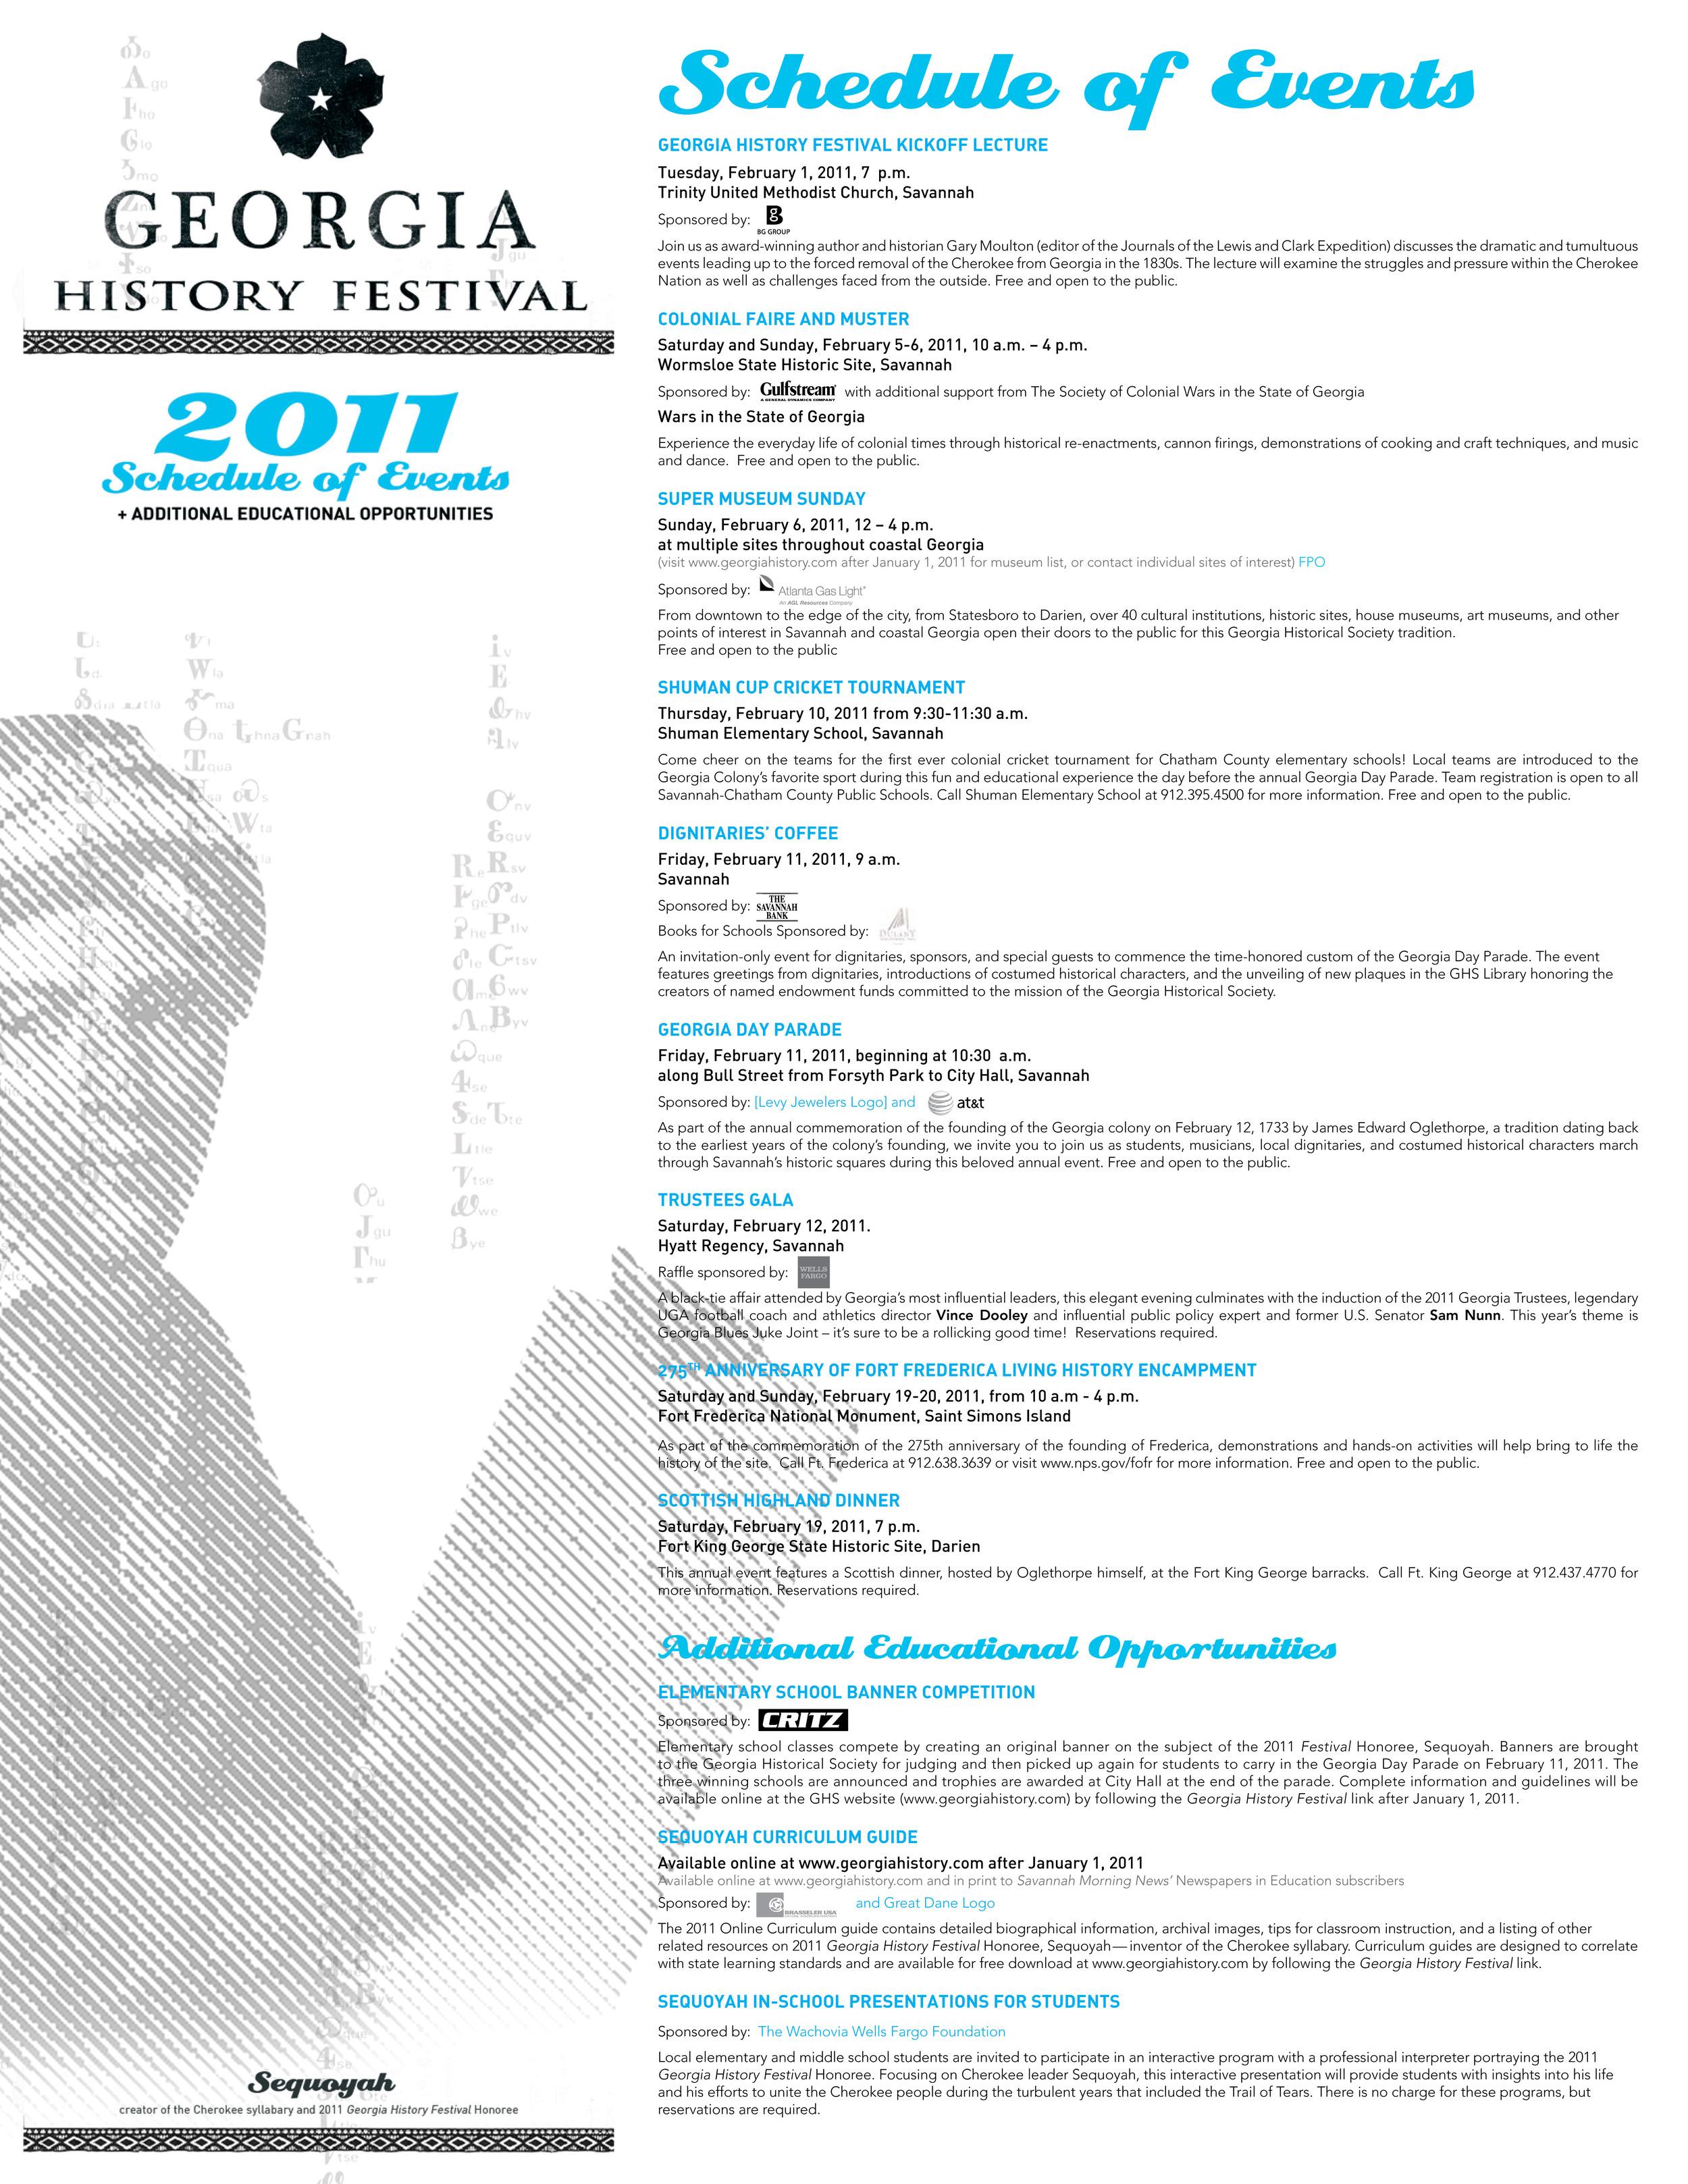 GHS2011_scheduleof events-1.jpg